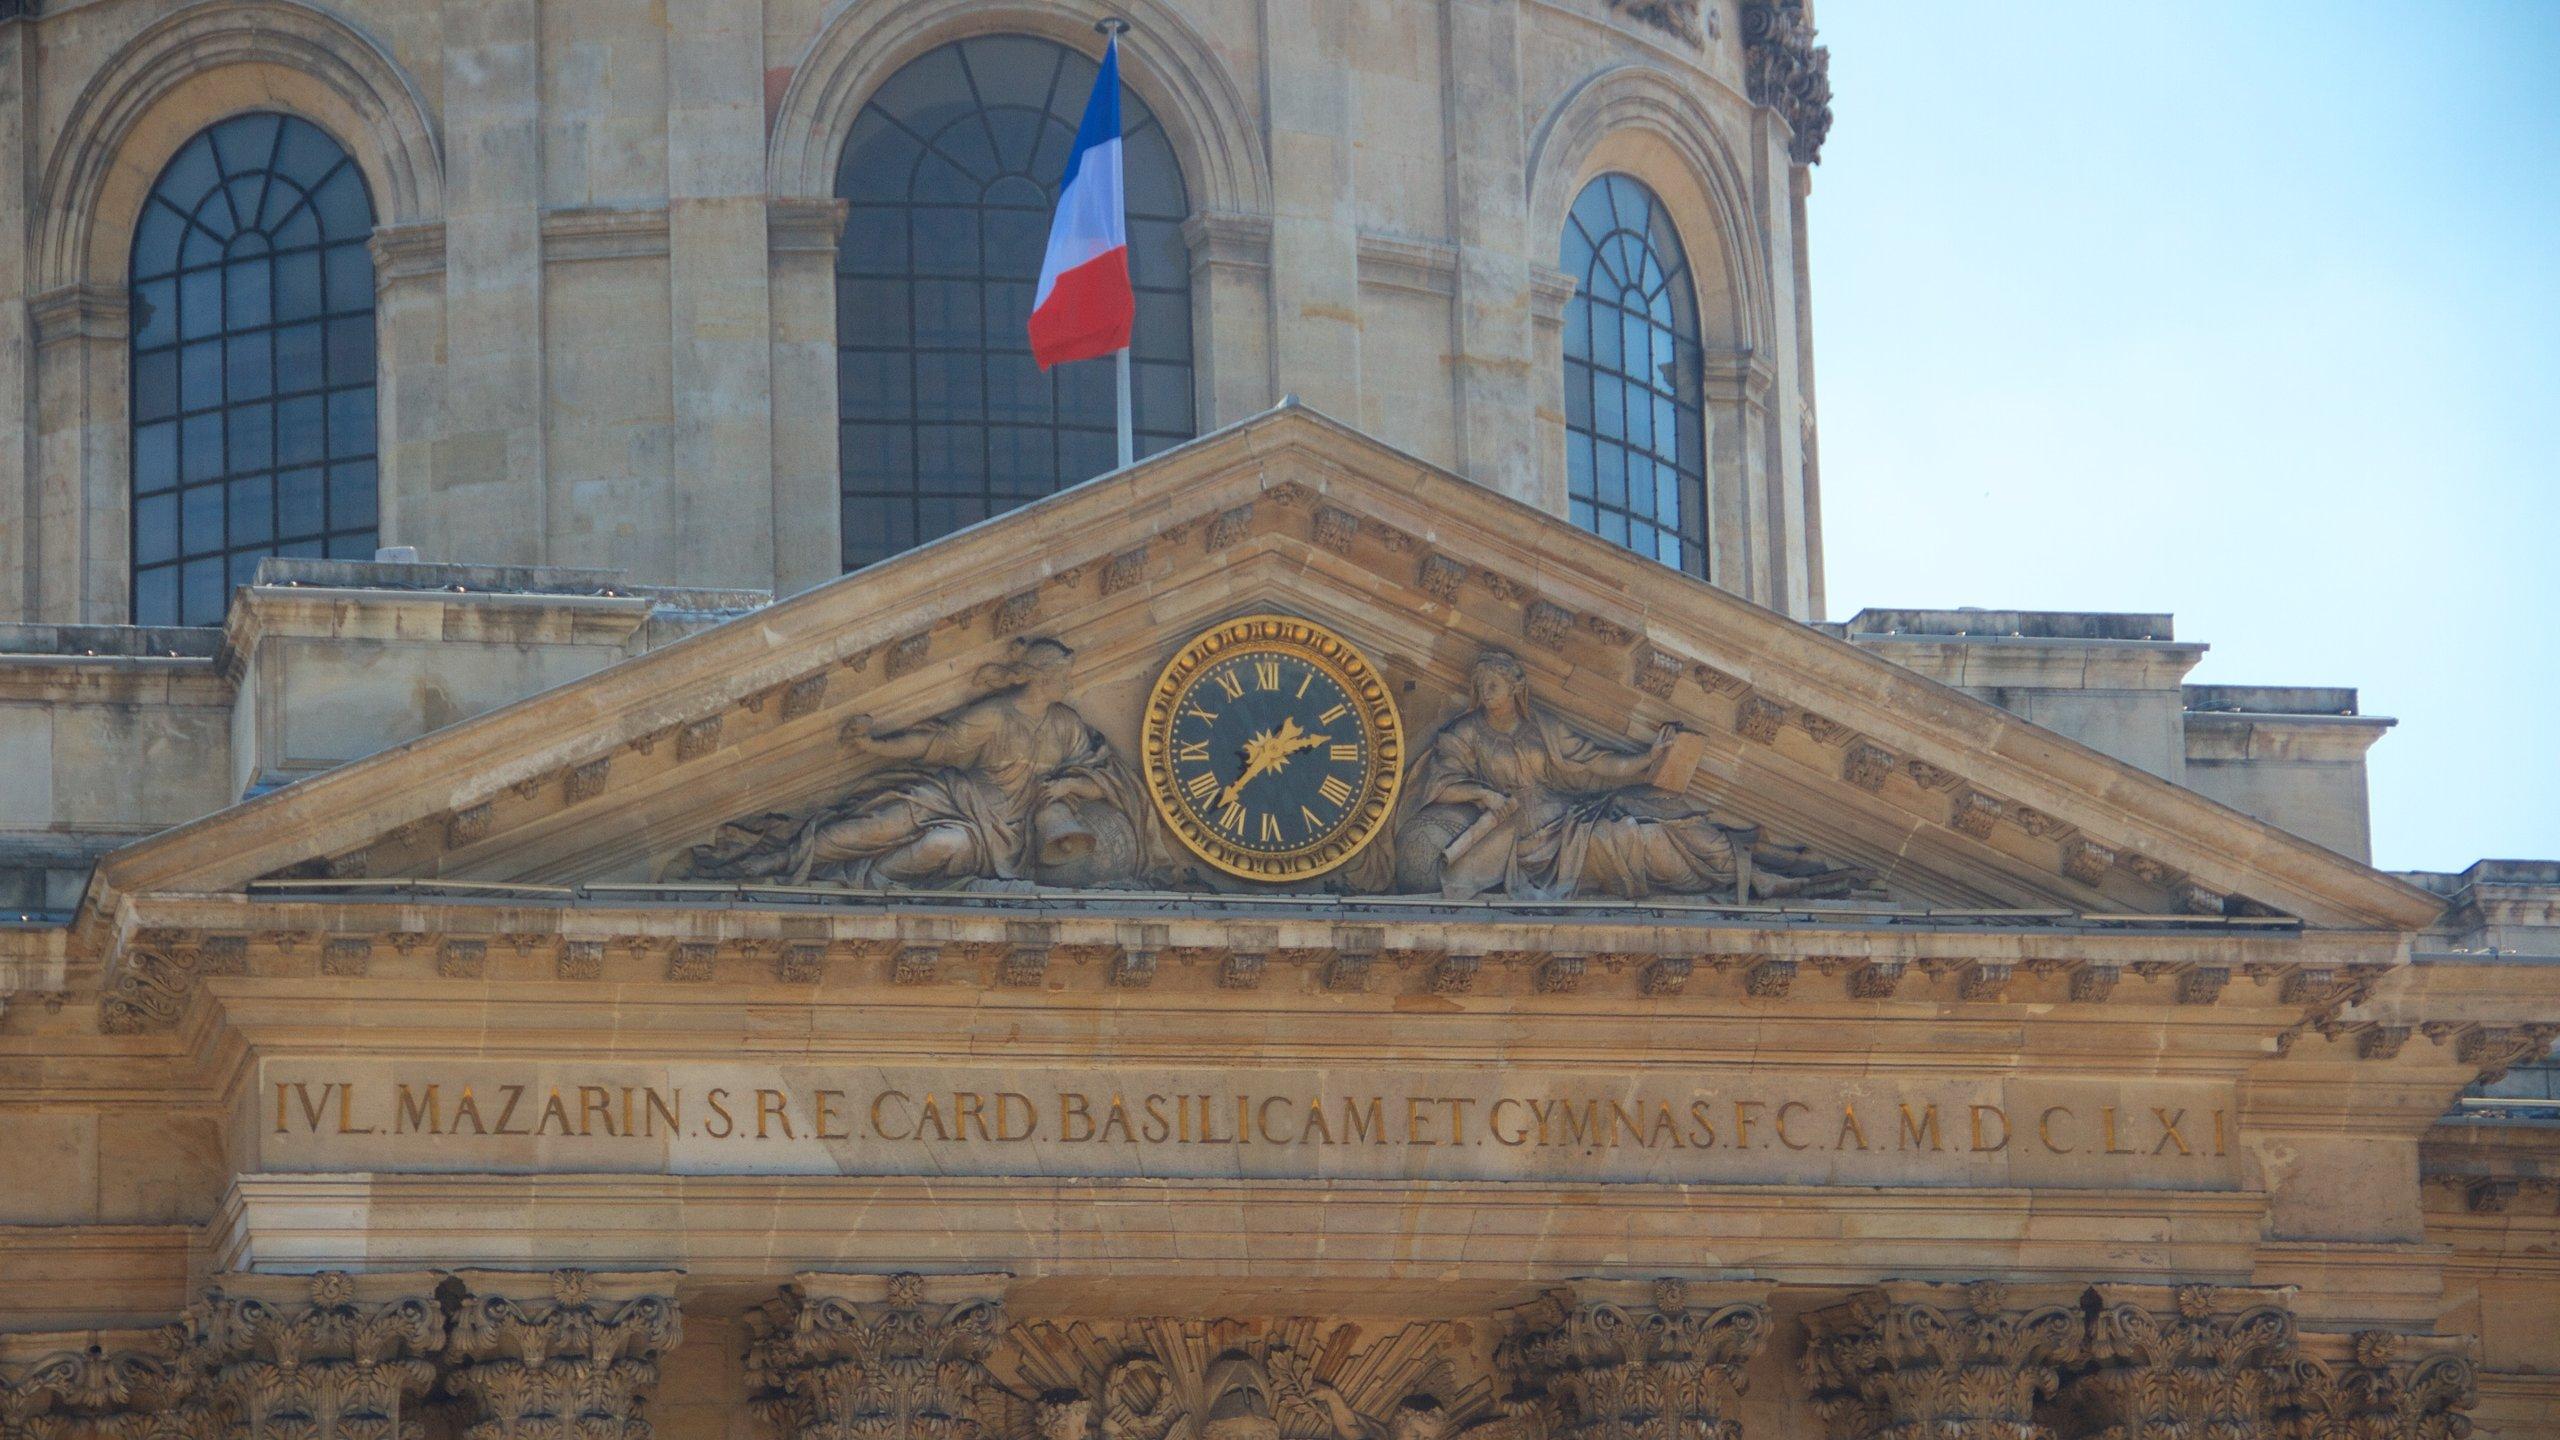 Saint-Germain-des-Pres, Paris, France